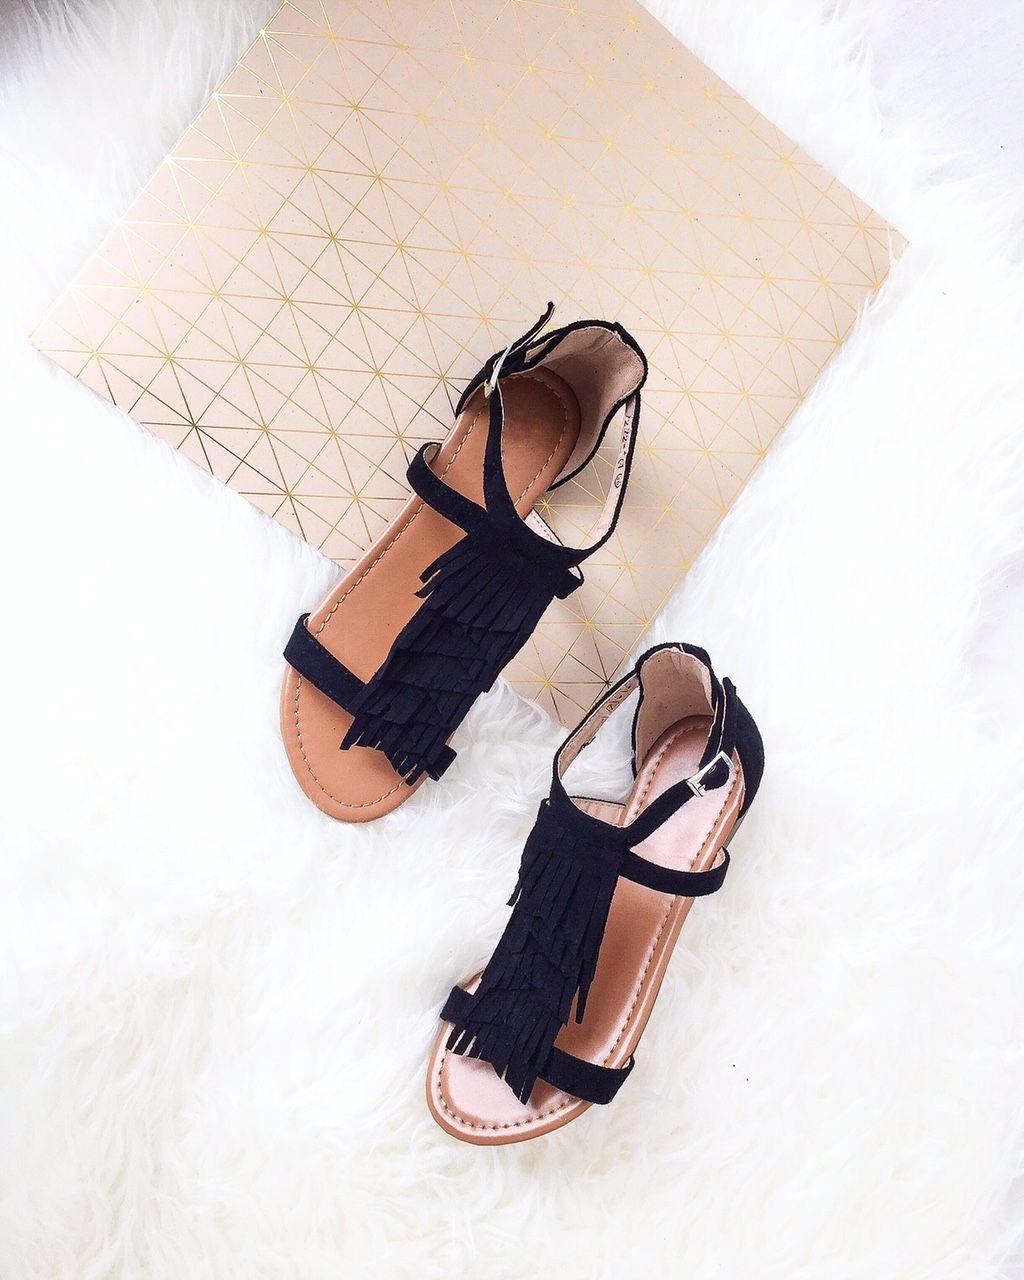 Buzzao - Chaussure femme   wanted   Pinterest   Sandals, Flat ... 560dcd4ffaa